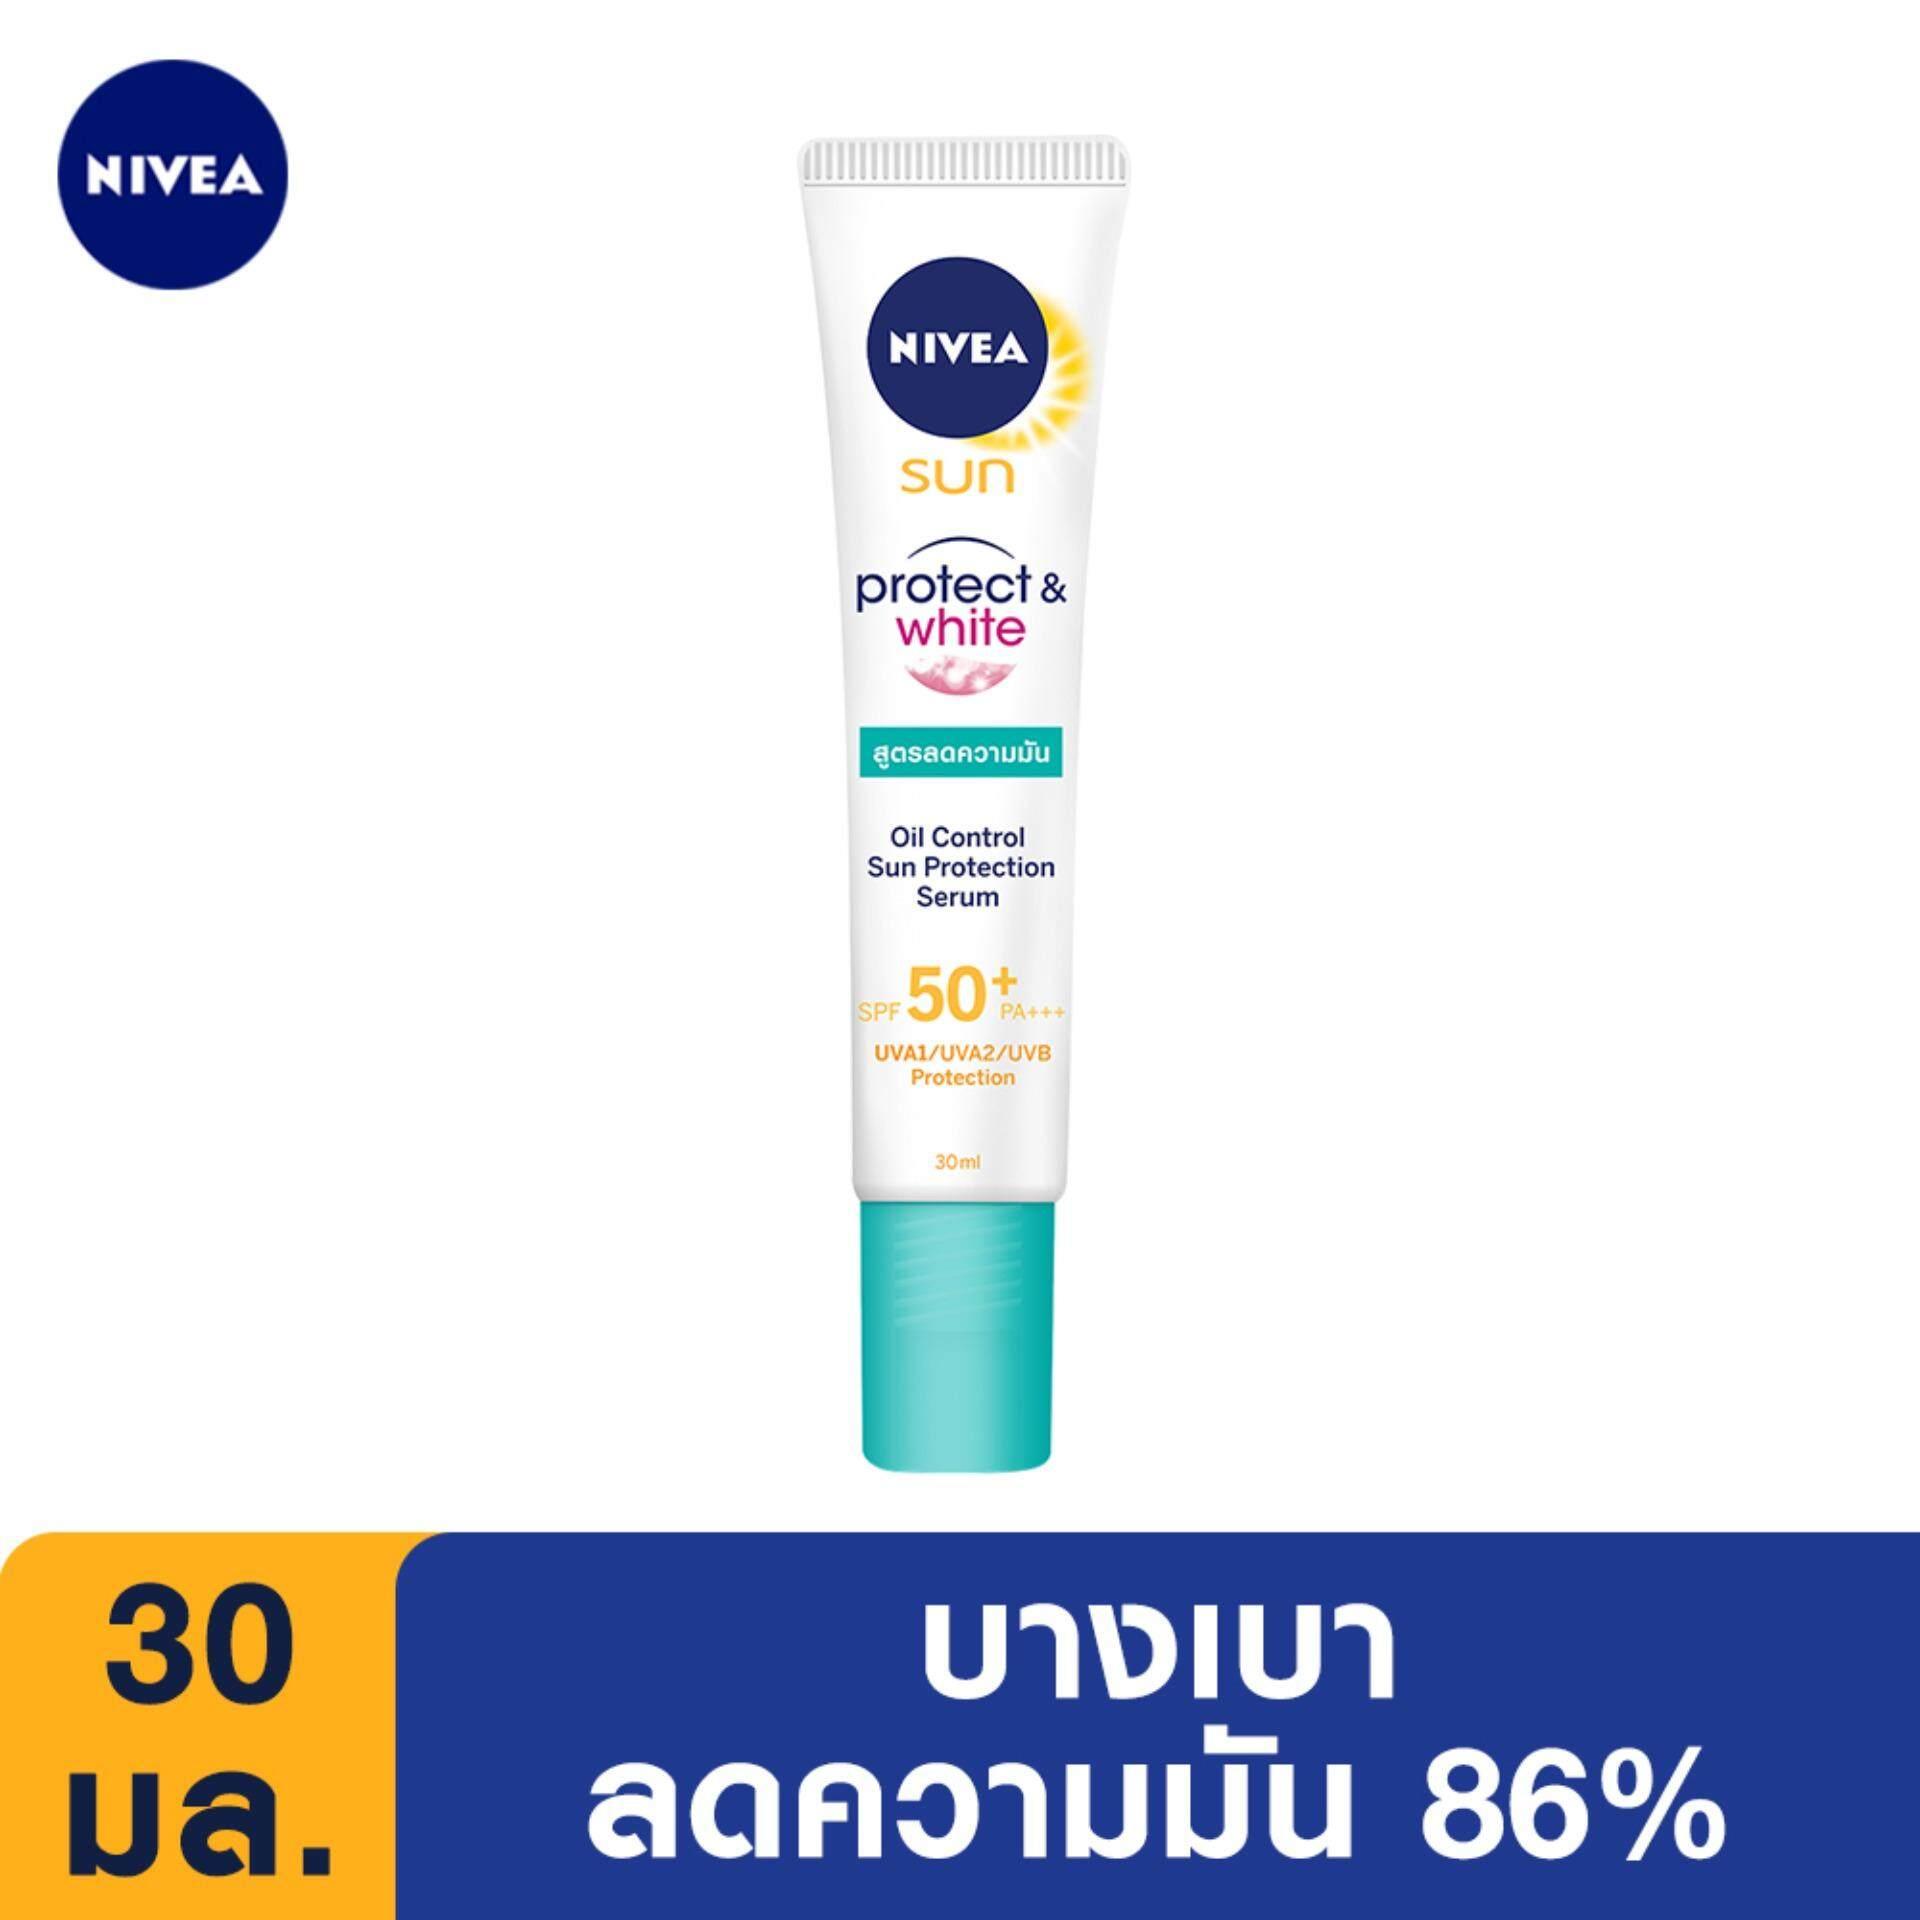 ราคา นีเวีย ซัน โพรเท็ค แอนด์ ไวท์ ออยล์ คอนโทรล เซรั่ม เอสพีเอฟ 50 พีเอ 30 มล Nivea Sun Protect White Oil Control Serum Spf50 Pa 30 Ml ใหม่